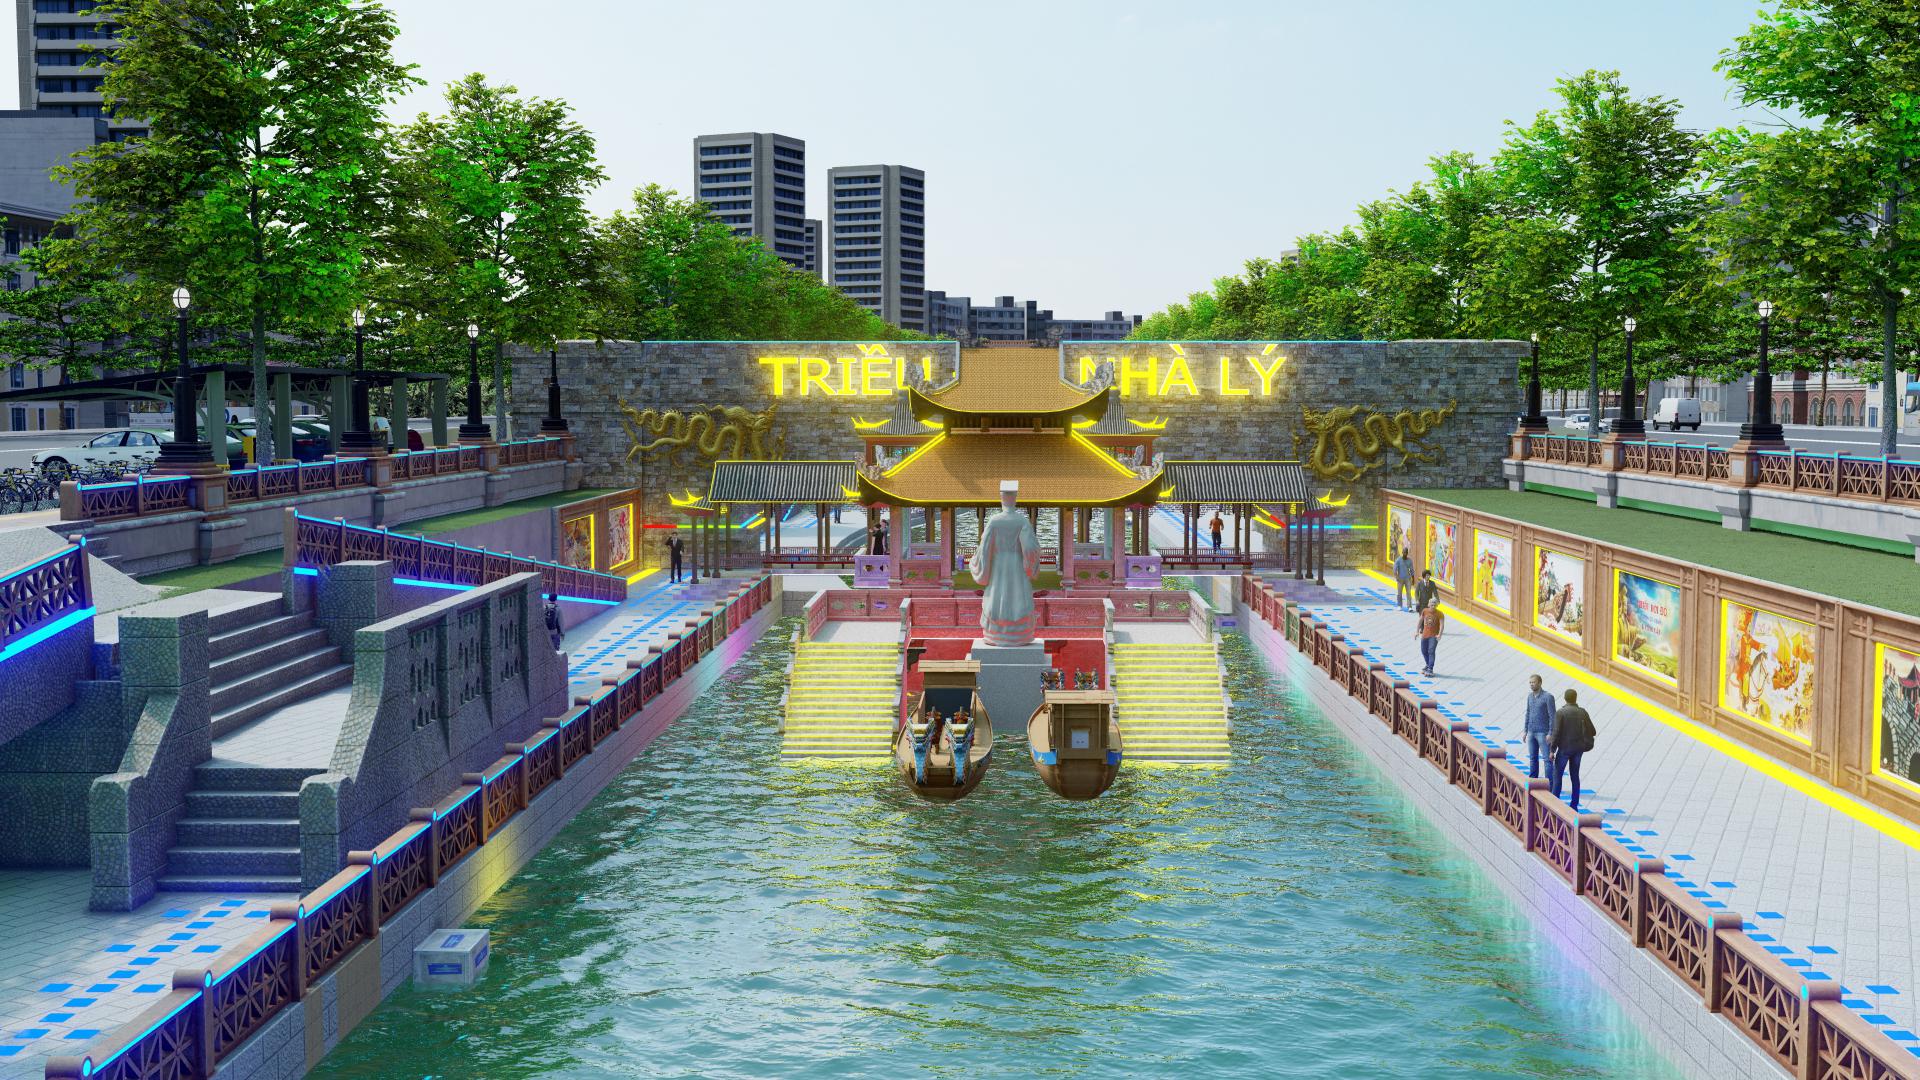 Đề xuất cải tạo sông Tô Lịch thành công viên lịch sử, văn hoá, tâm linh